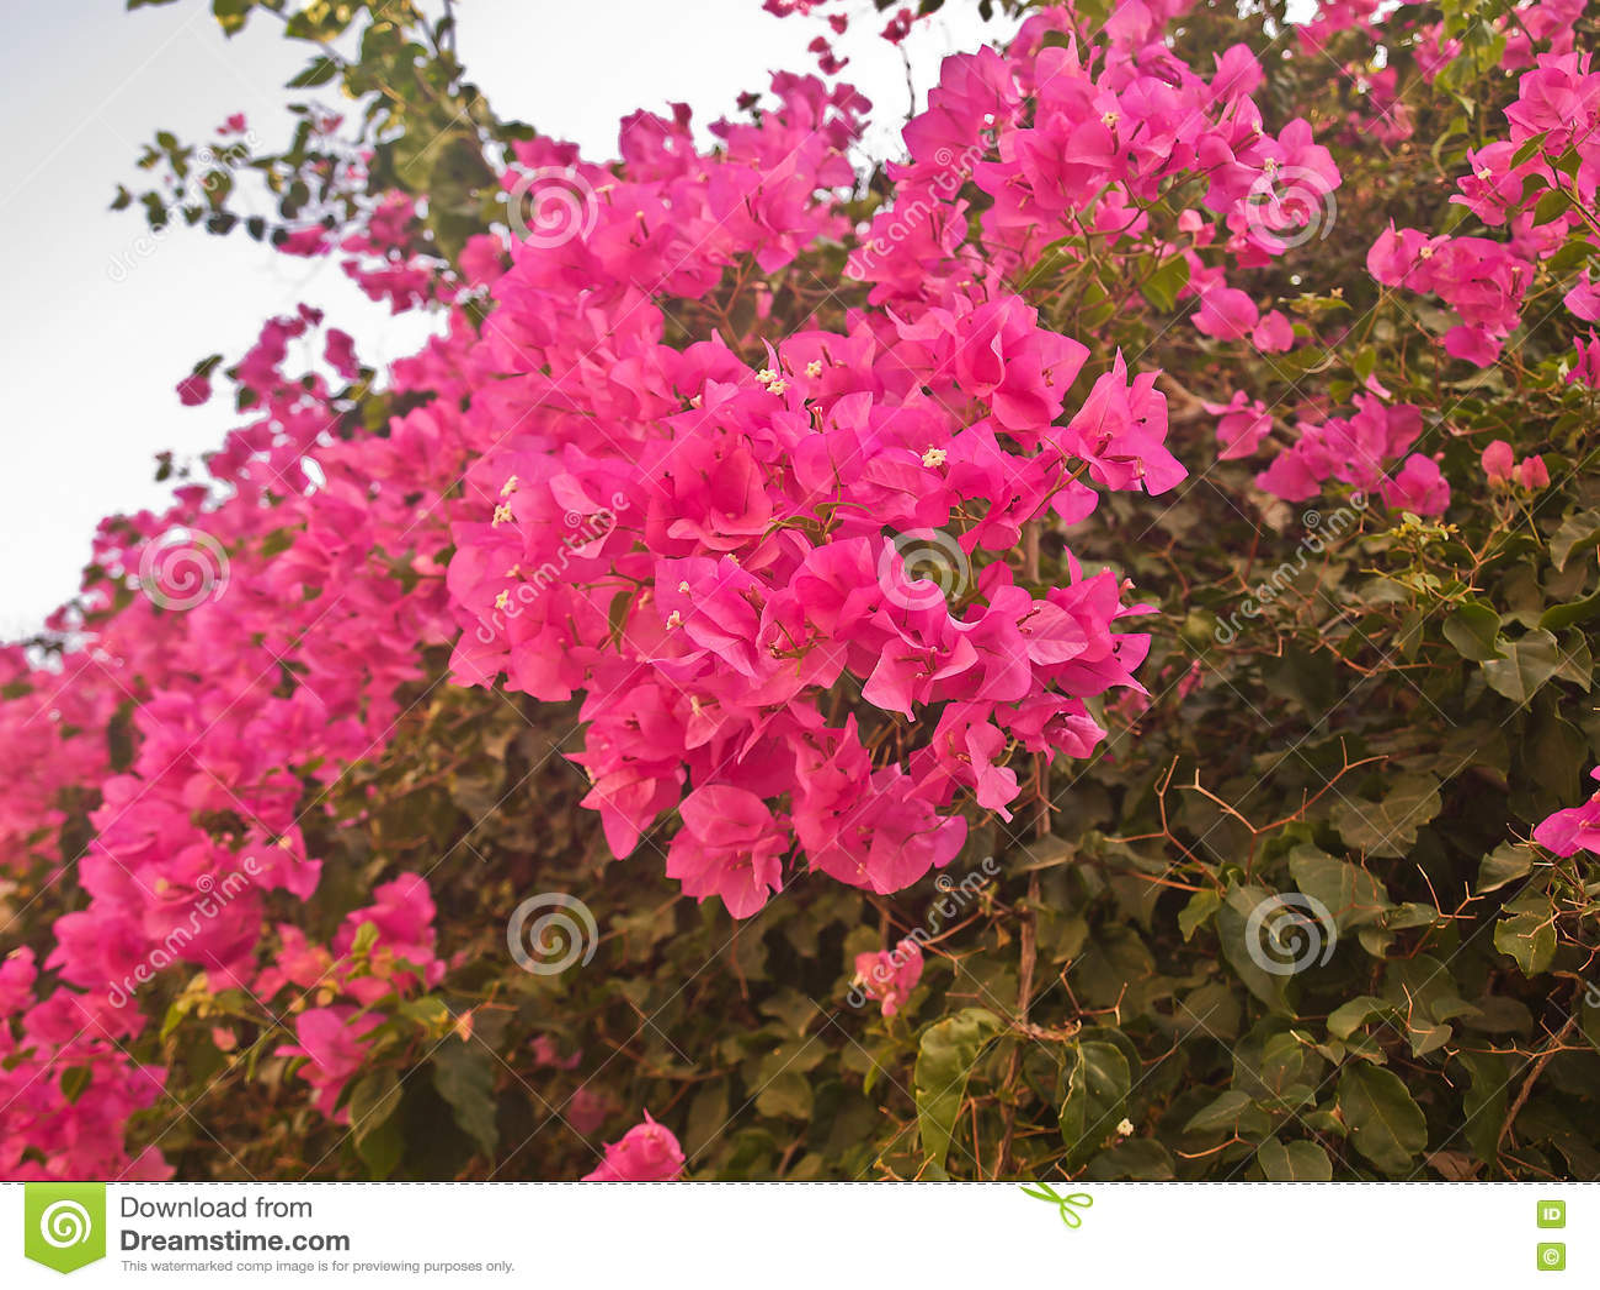 arbuste avec les fleurs rouges lumineuses image stock image du multiple accroissement 78512497. Black Bedroom Furniture Sets. Home Design Ideas